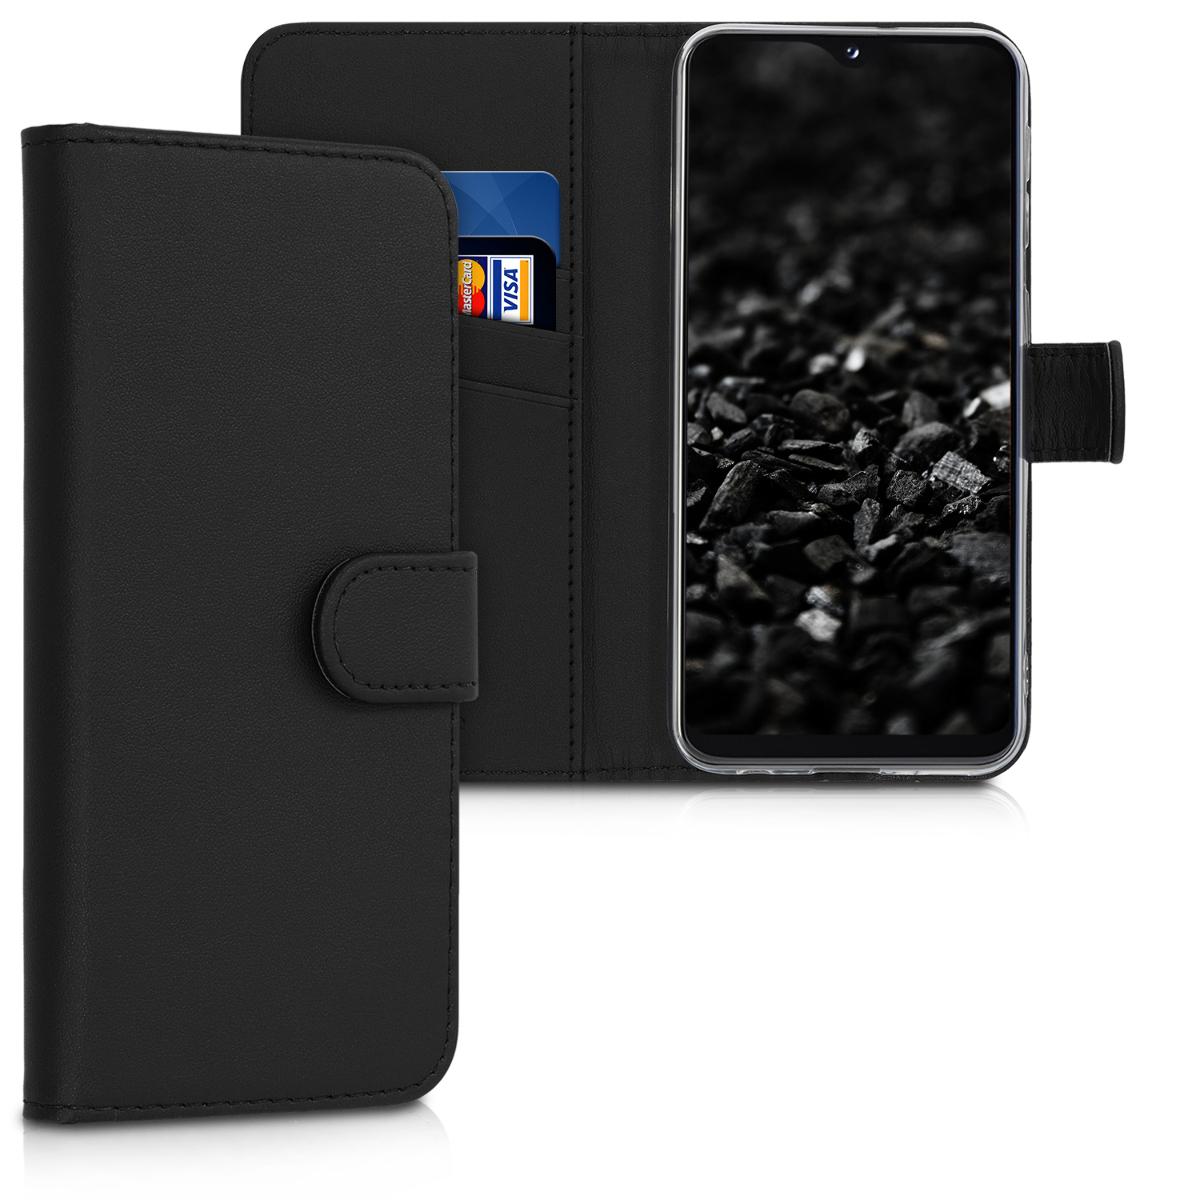 KW Θήκη Πορτοφόλι Samsung Galaxy A20e - Black (48740.01)